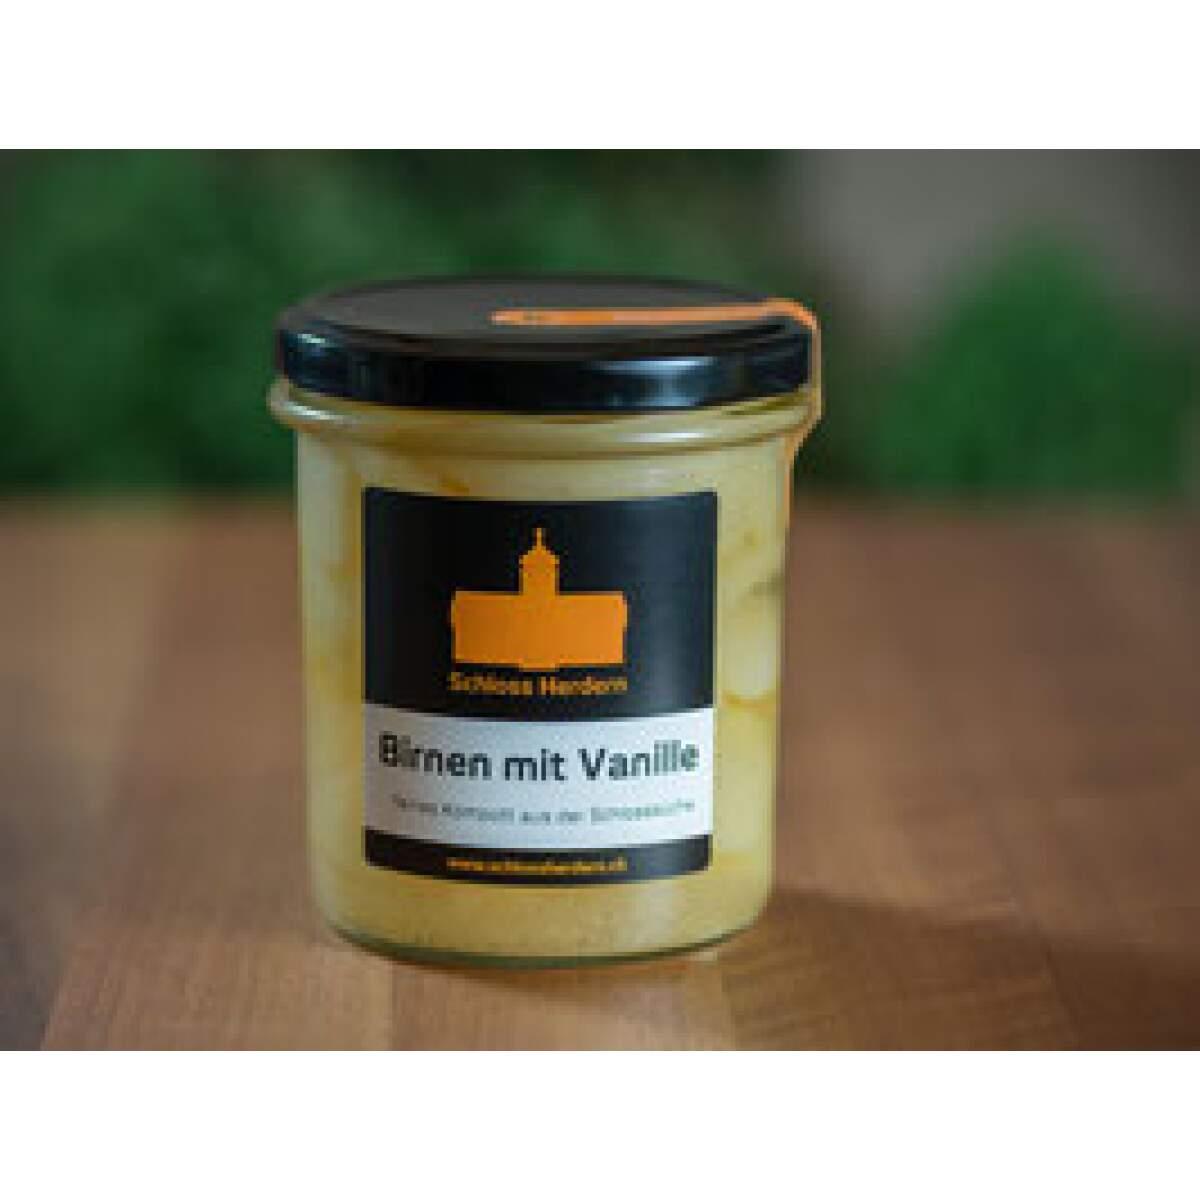 Kompott-Birnen-mit-Vanille